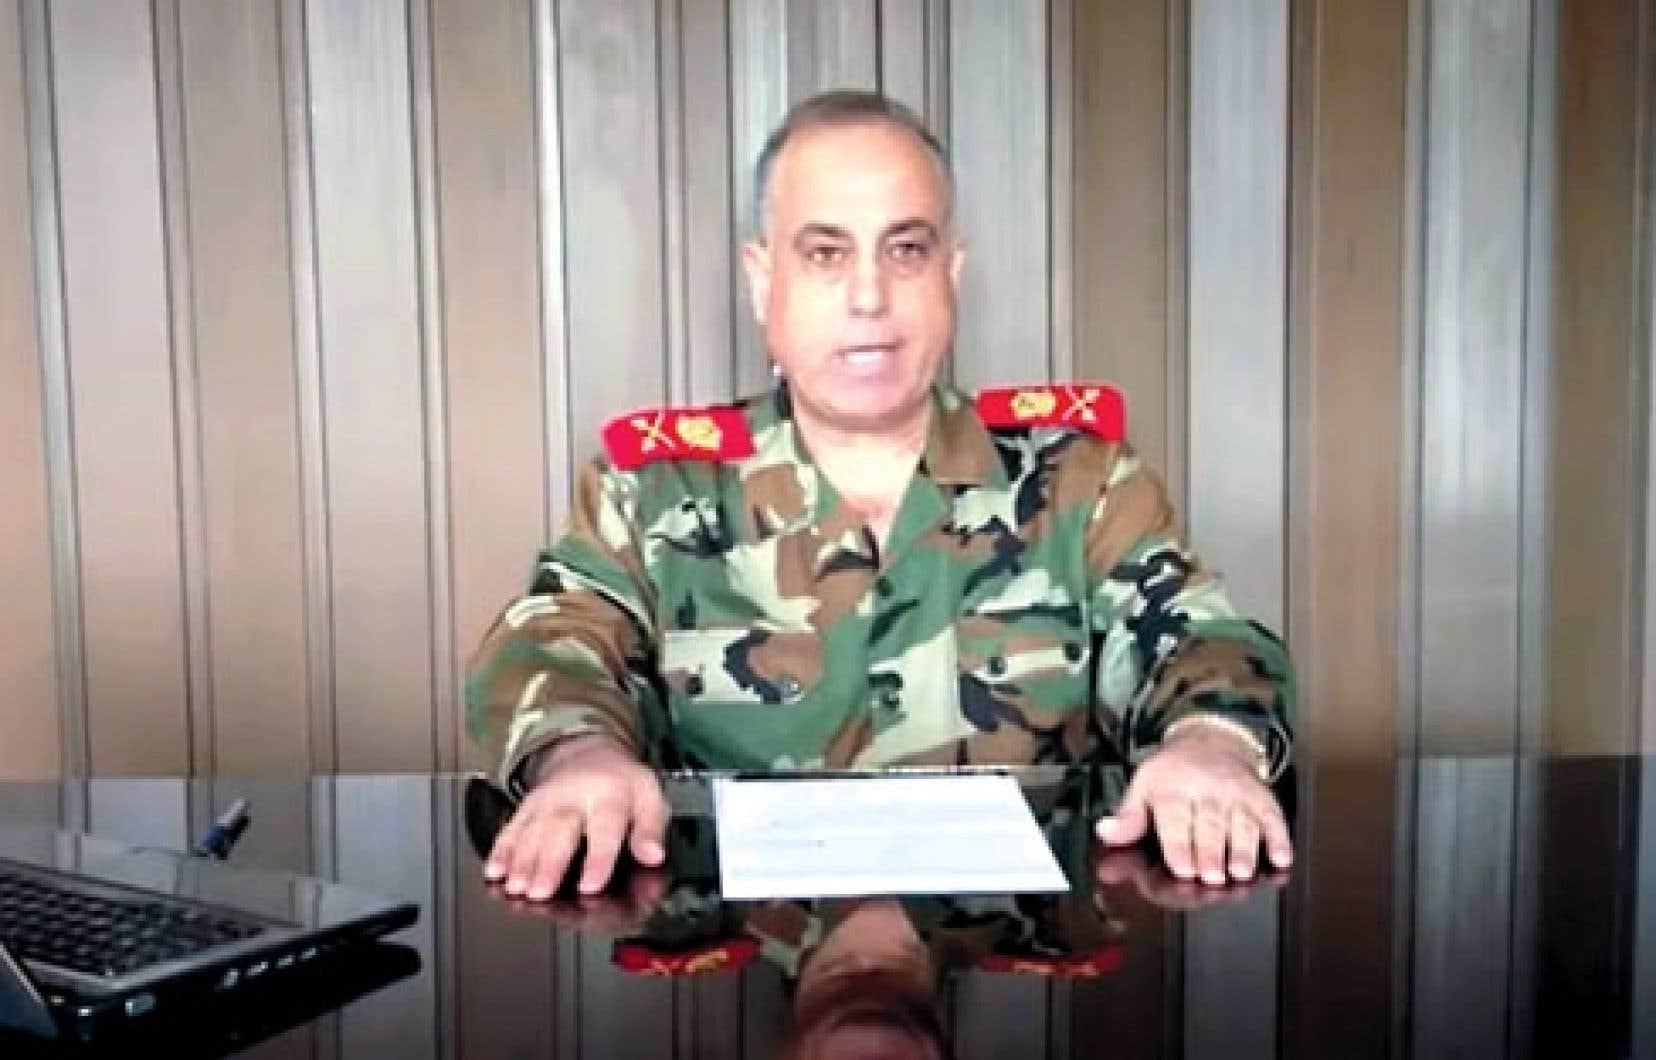 Le commandant de la police militaire syrienne, le général Abdel Aziz Jassem al-Challal, a annoncé sa démission mercredi.